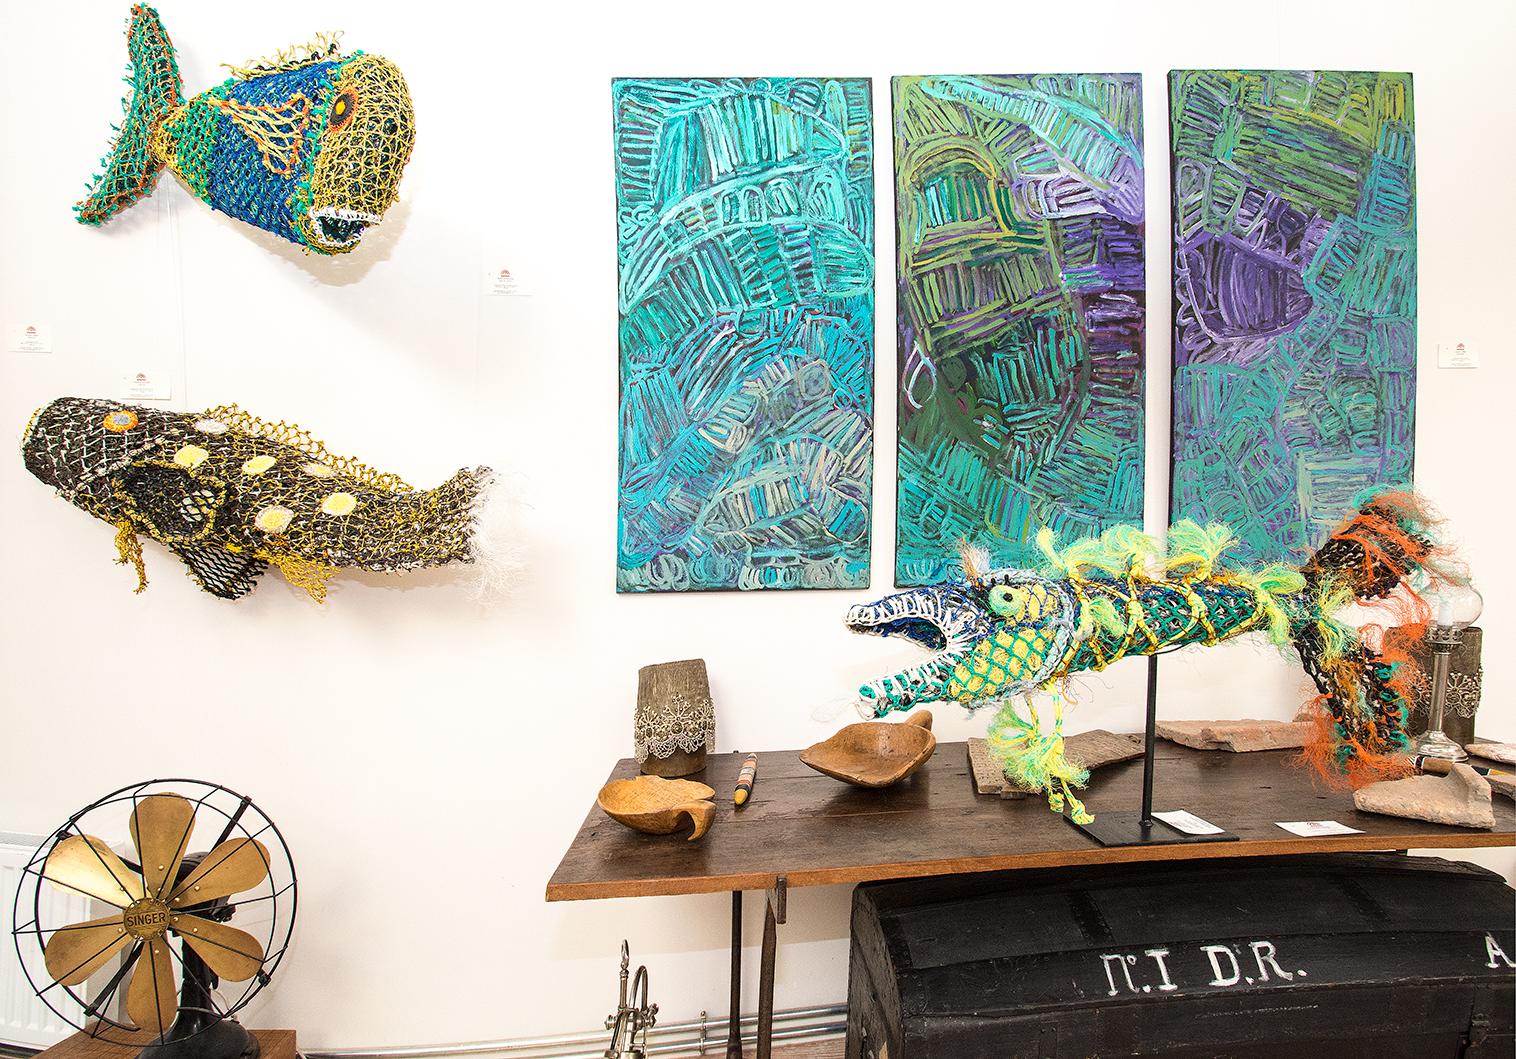 """Vue de l'exposition d'art Aborigène """"Entre Deux Eaux"""". De gauche à droite. Sculptures en filets de pêche recyclés des artistes Aborigènes du Erub art centre : les artistes Rachel Emma Gela et en dessous Florence Gutchen. Sur le mur un triptyque de l'artiste Sonia Kurarra du centre d'art de Mangkaja. Sur la table une sculpture en d'Erub de l'artiste Ellarose Savage. © Photo : Aboriginal Signature, with the courtesy of the artists and the art centres."""